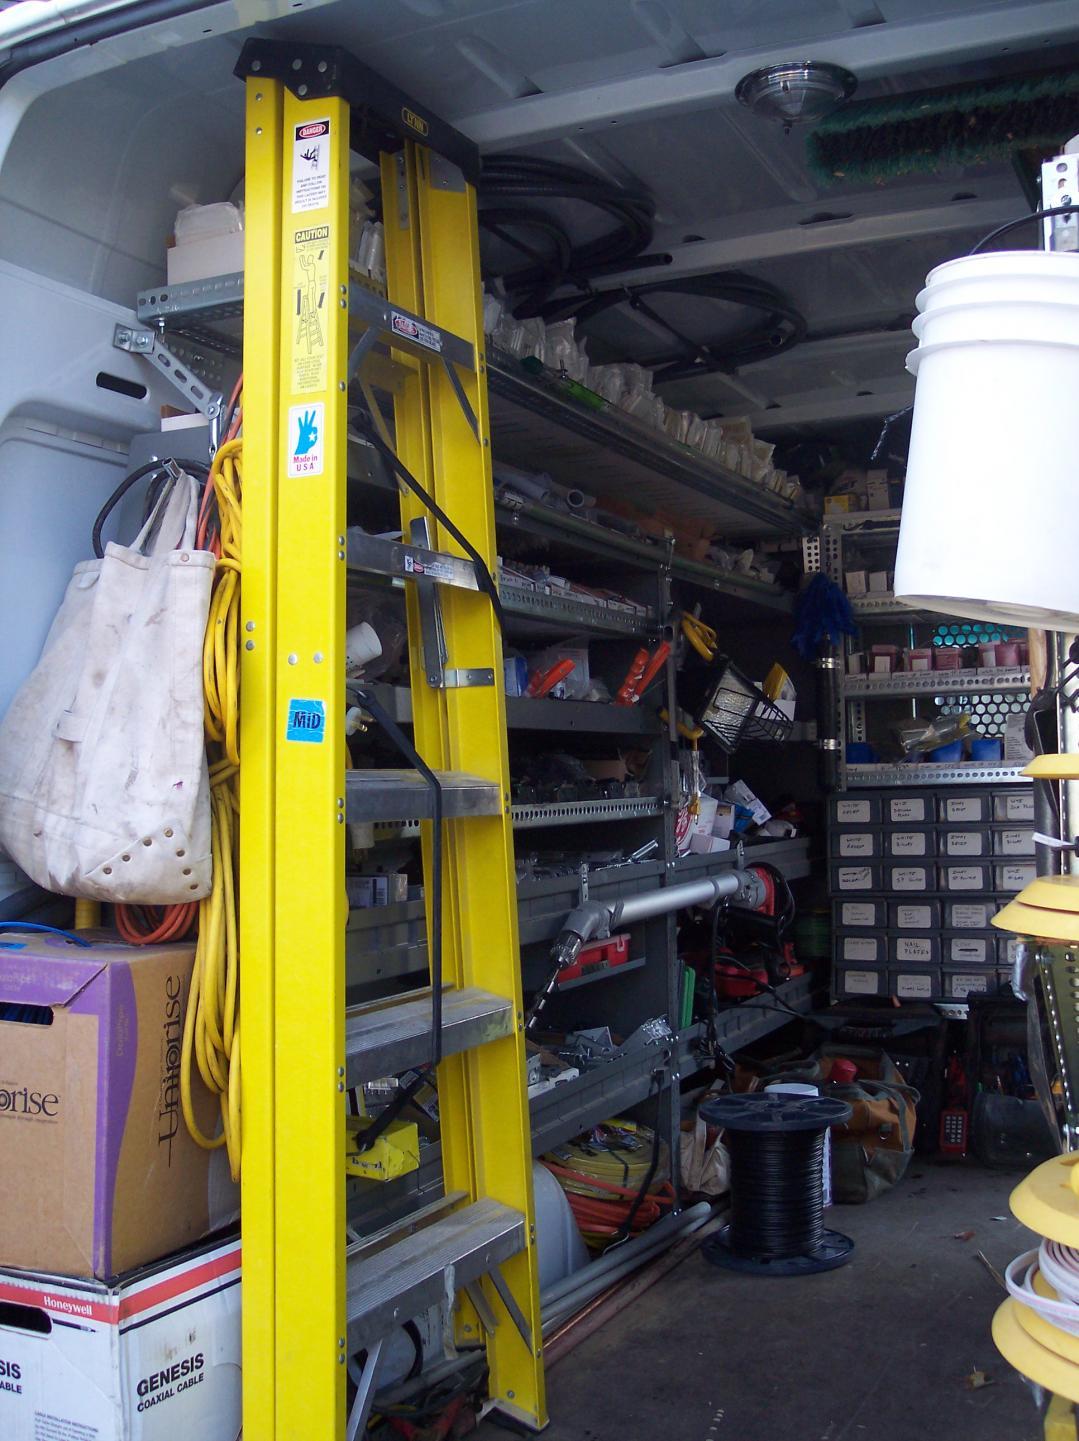 Post your work truck/van thread-truck-pictures-nov08-002.jpg